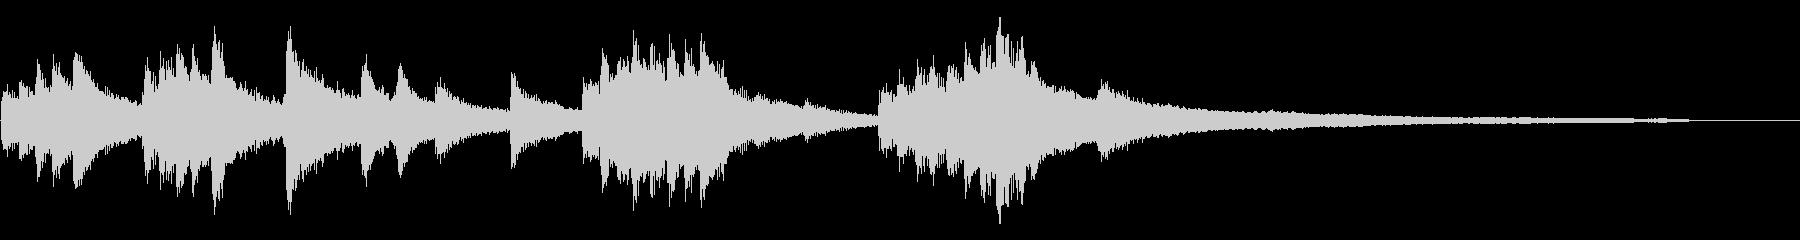 和風のジングル9-ピアノソロの未再生の波形